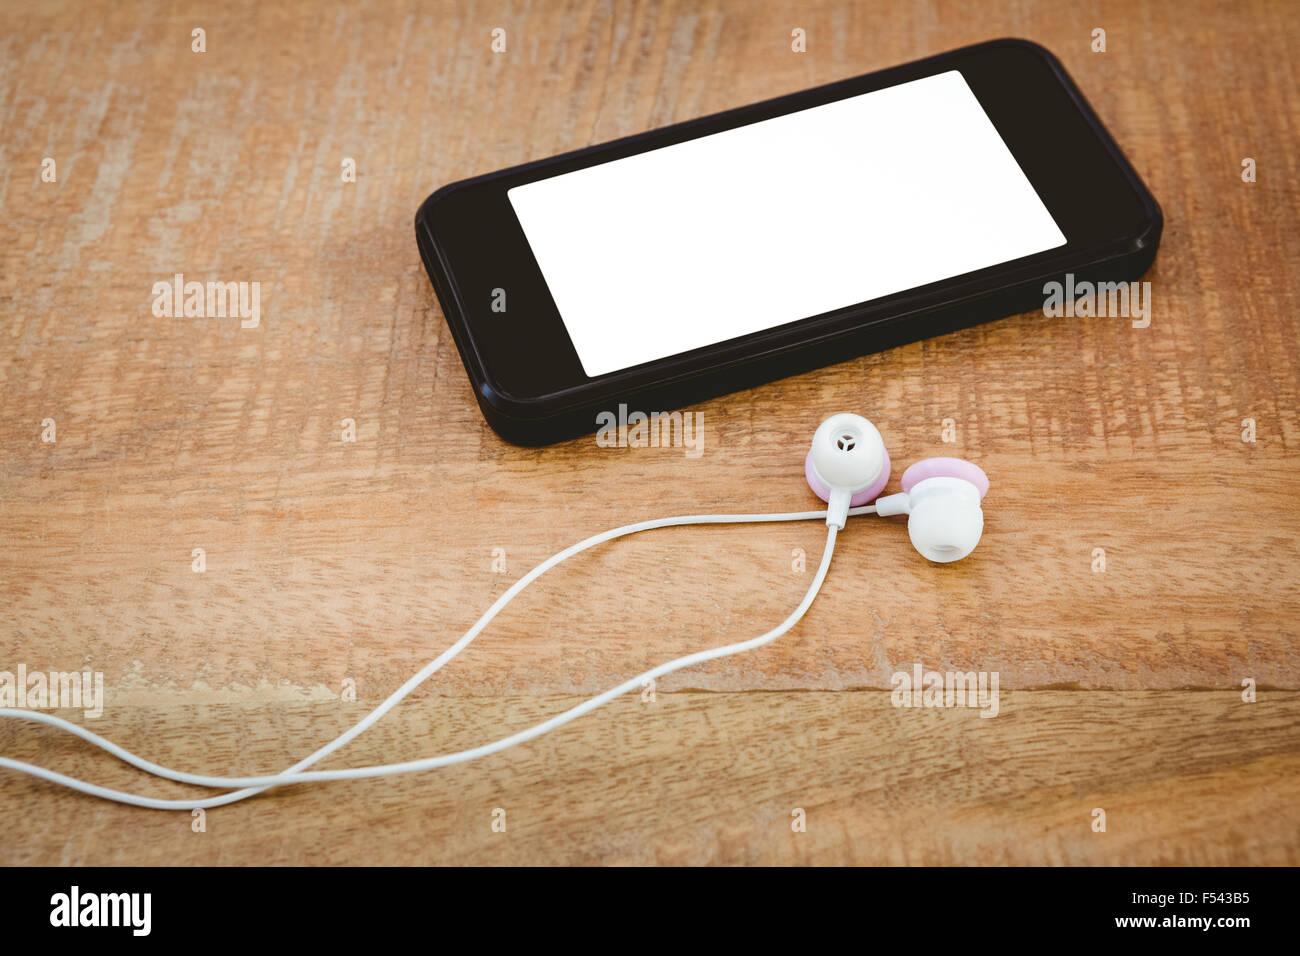 Smartphone noir avec un casque blanc Photo Stock